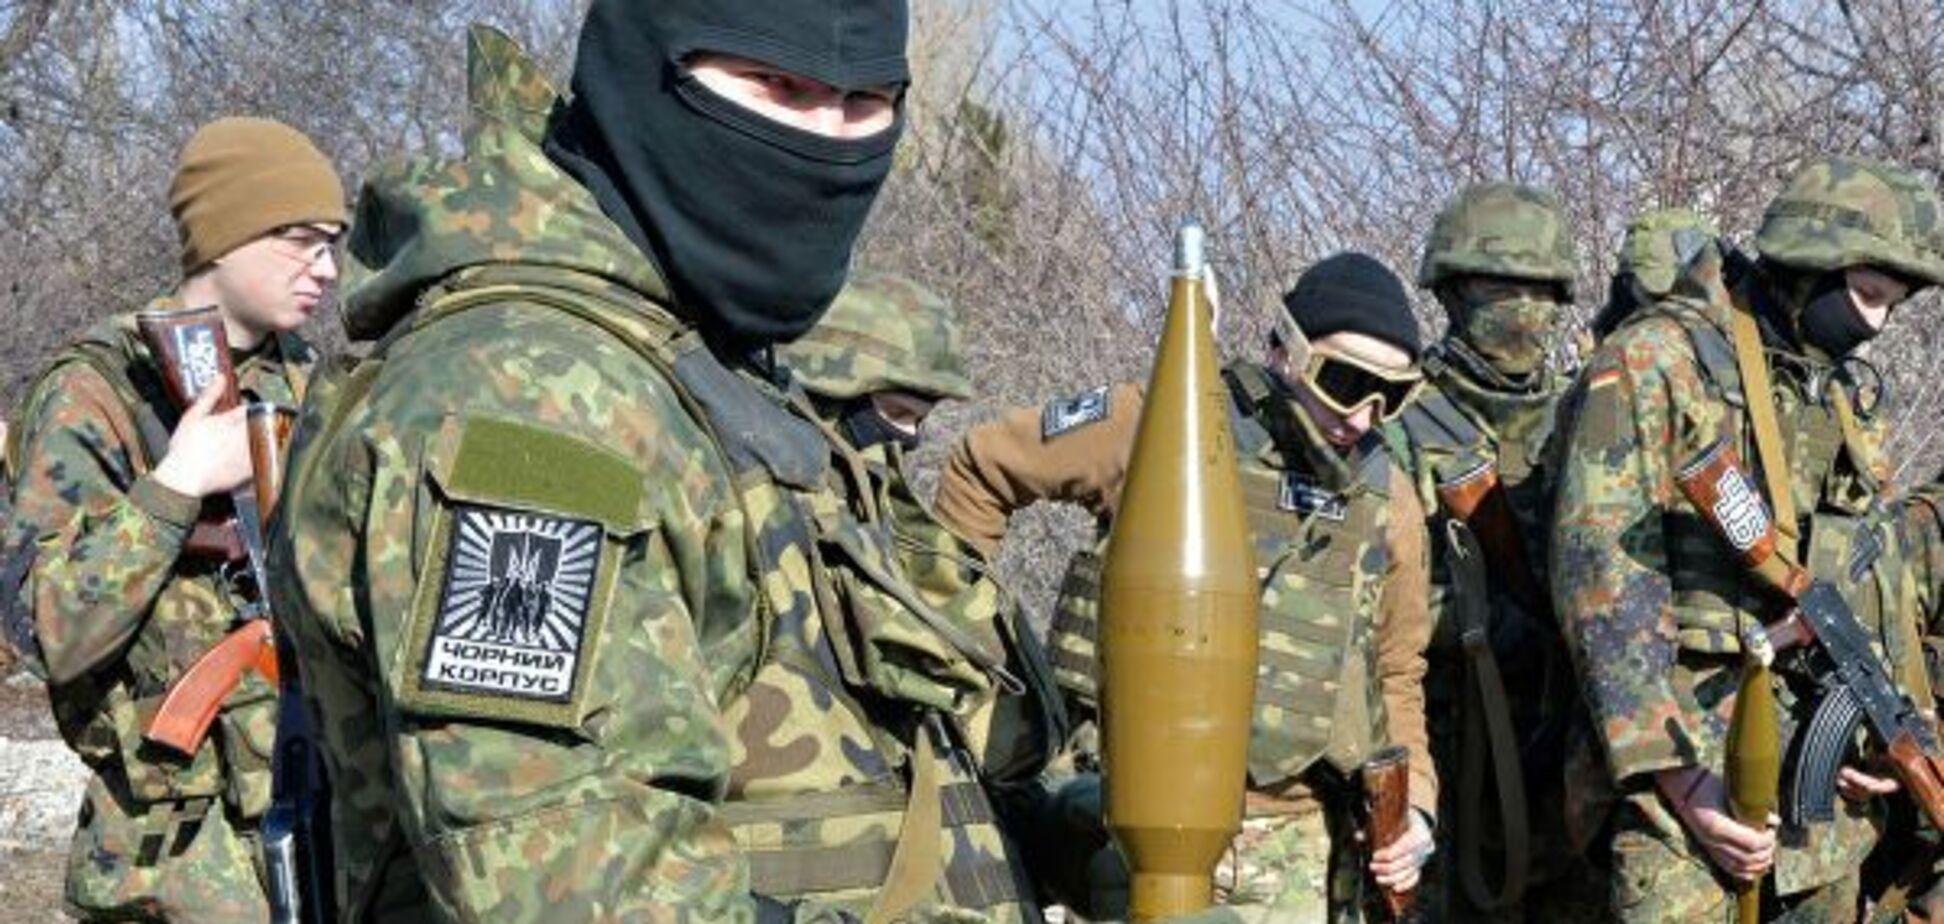 Мінус чотири! ЗСУ помстилися 'Л/ДНР' за пекельні обстріли Донбасу